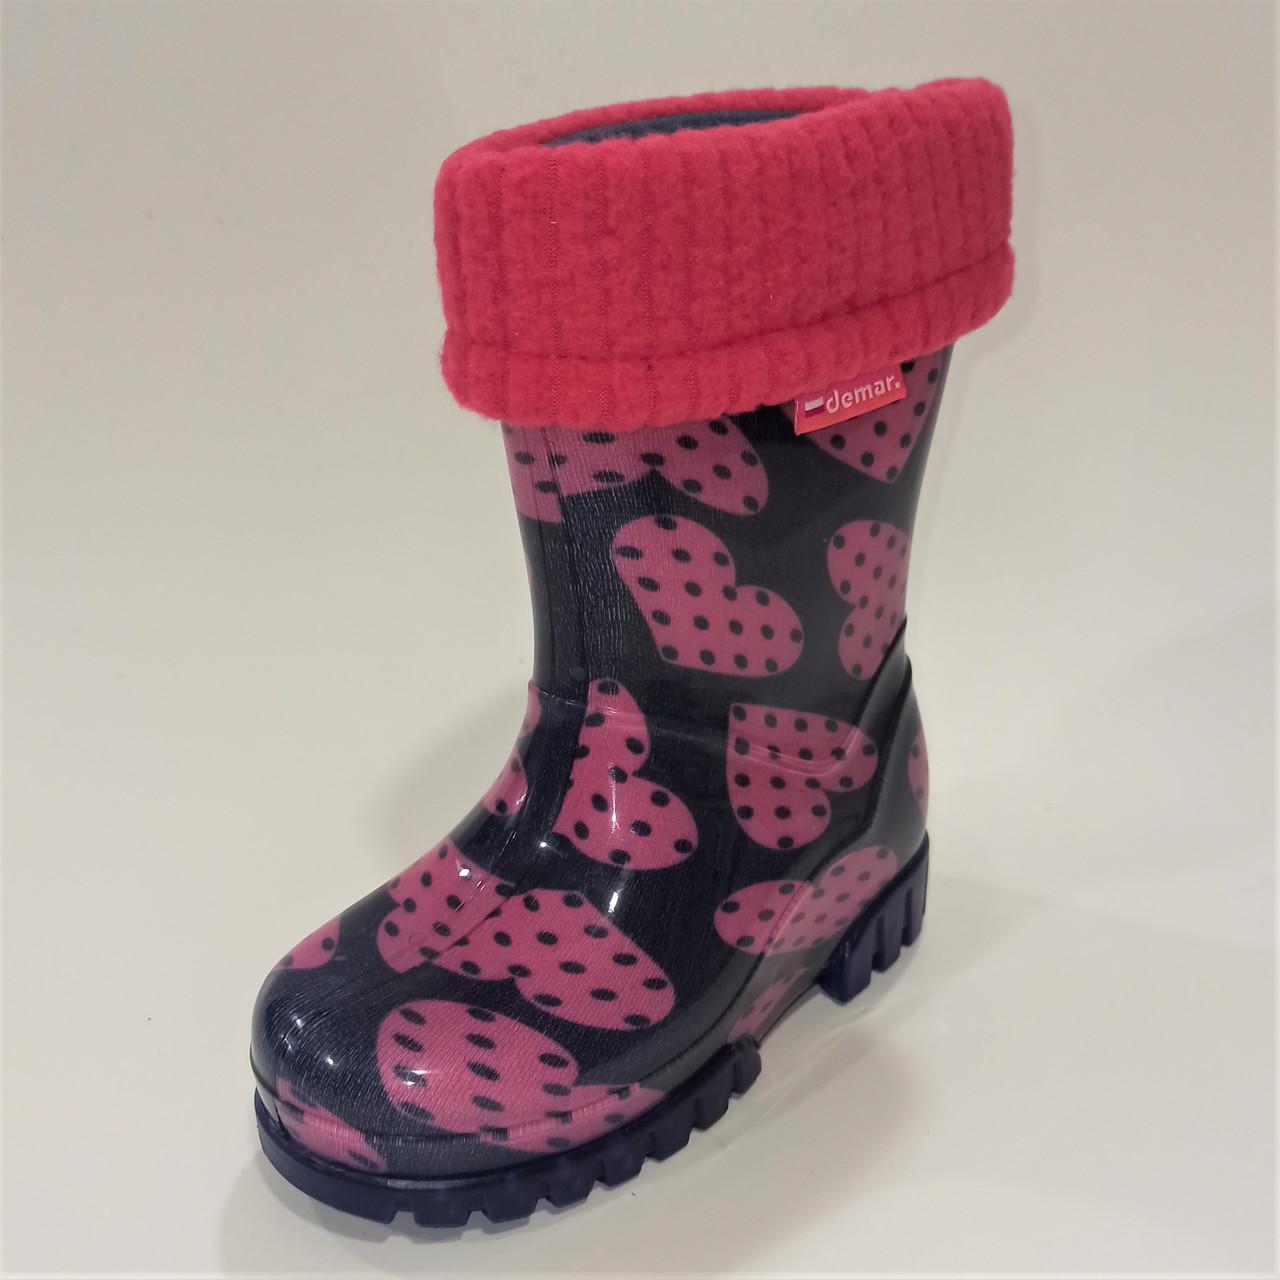 """Дитячі гумові чоботи """"сердечка"""", Demar (код 1244) розміри:"""